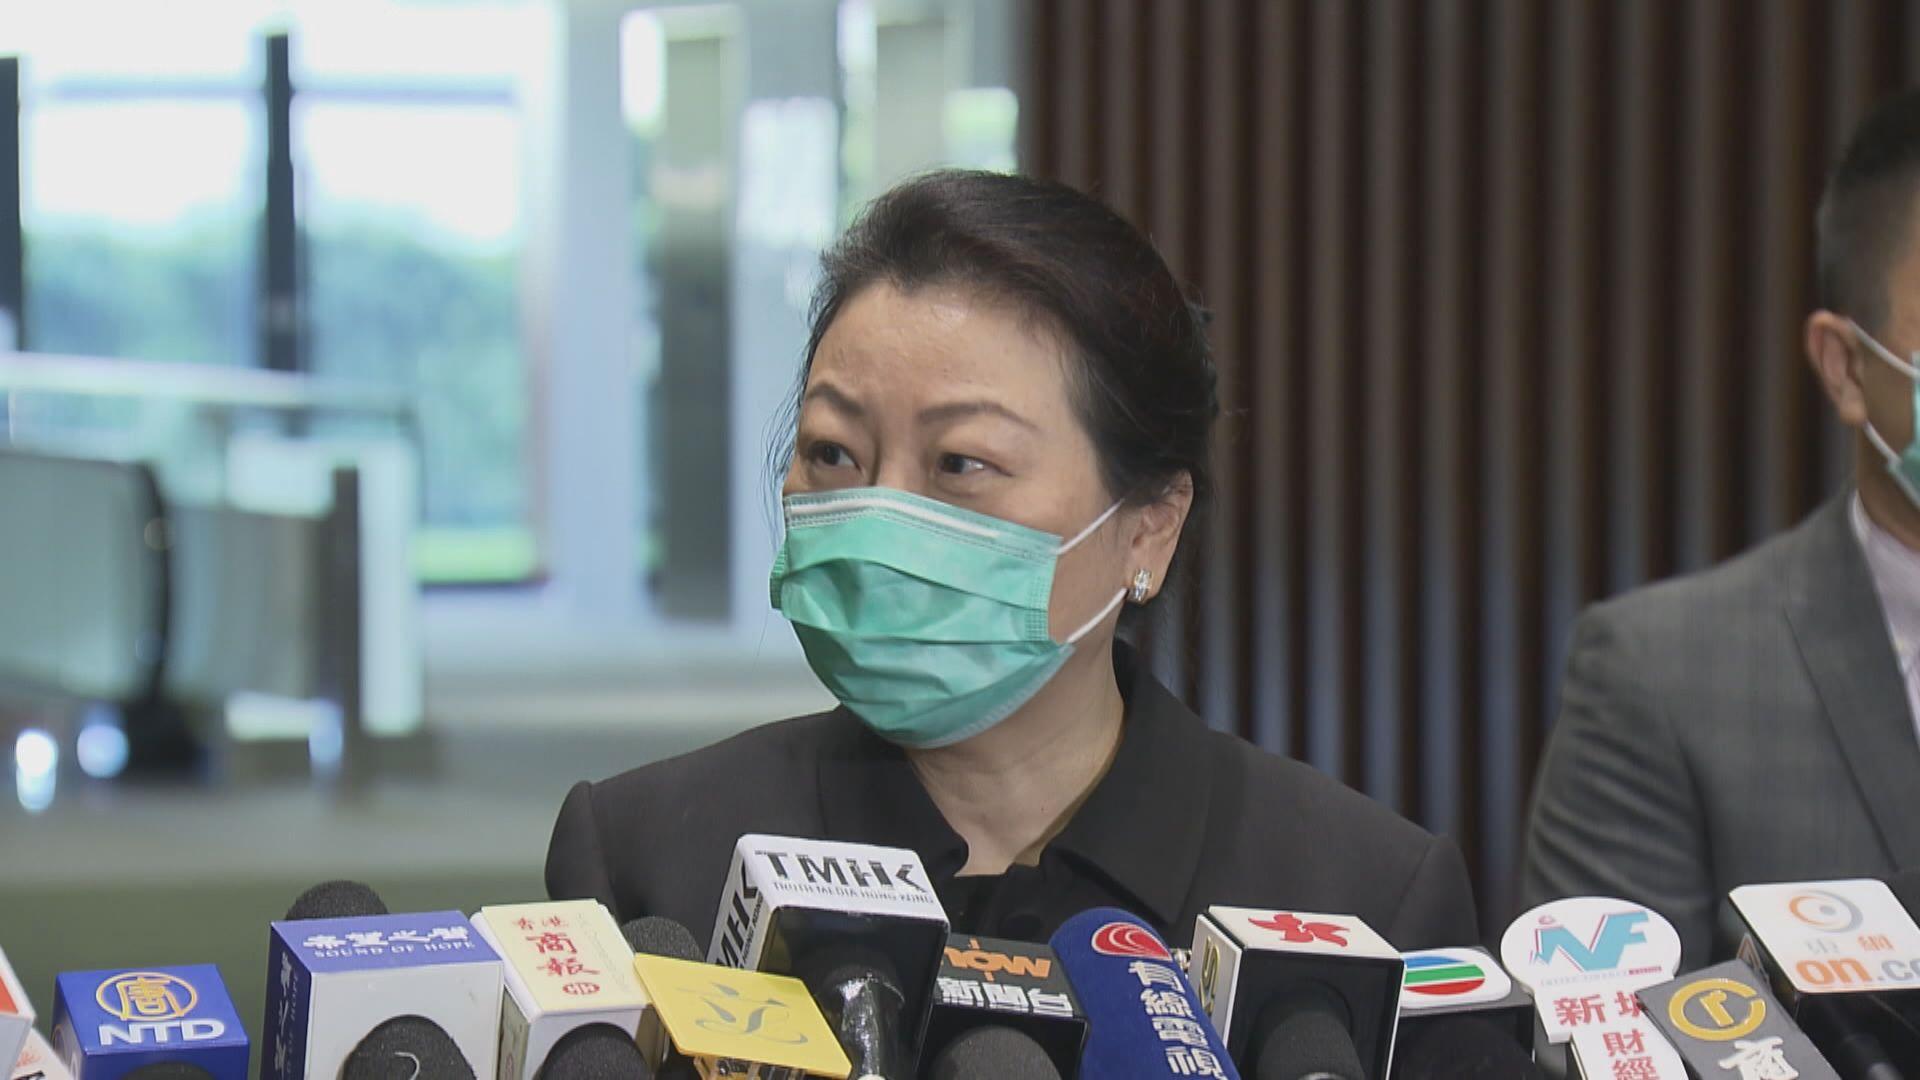 鄭若驊、李家超與六紀律部隊首長發聲明支持港區國安法立法